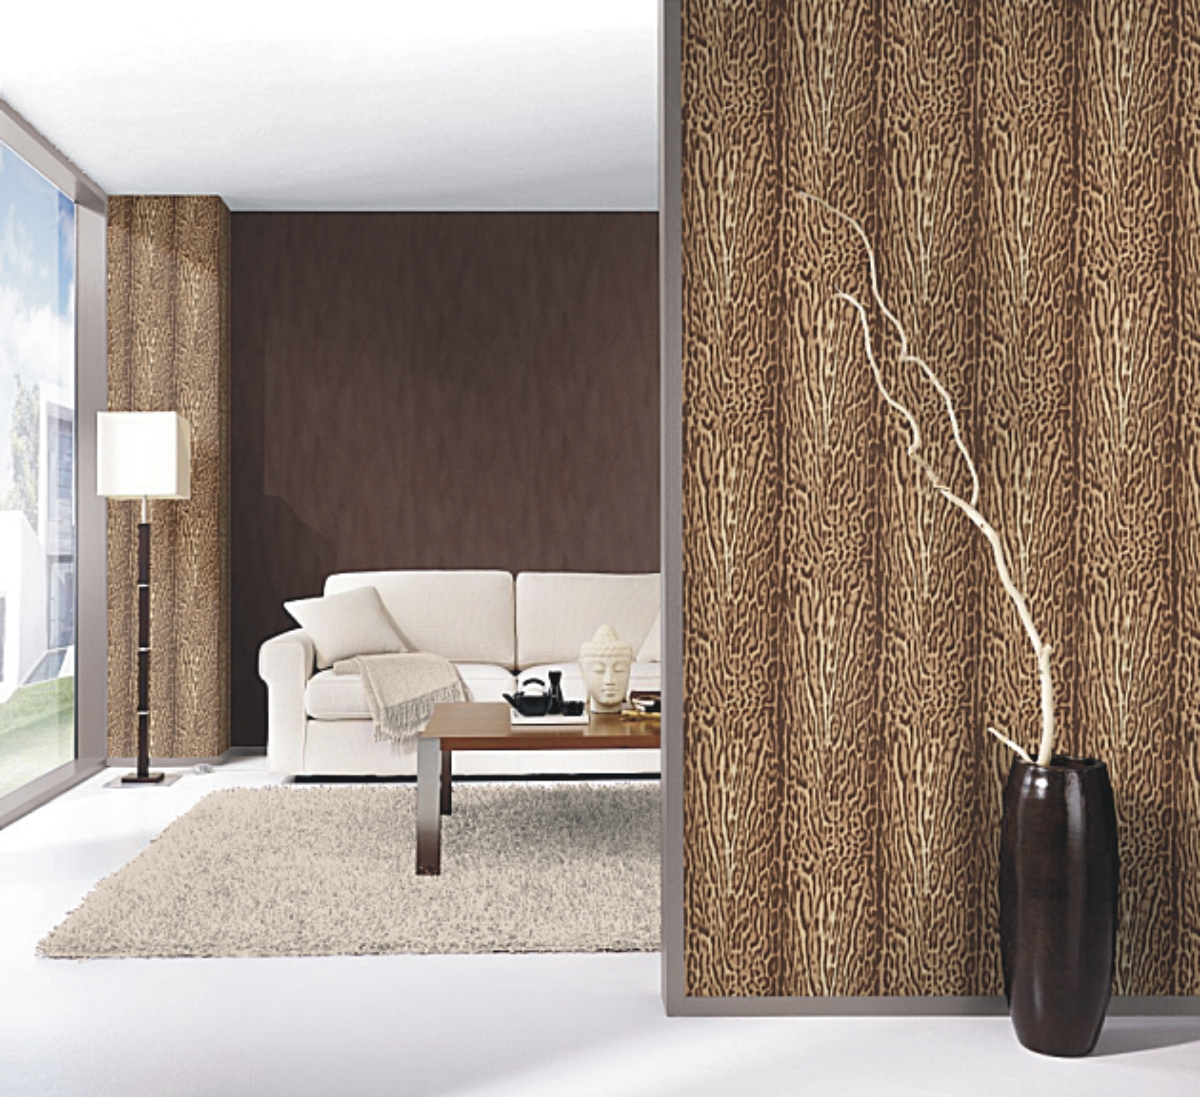 rasch tapete natural instinct 2013 781519 neu afrika ebay. Black Bedroom Furniture Sets. Home Design Ideas